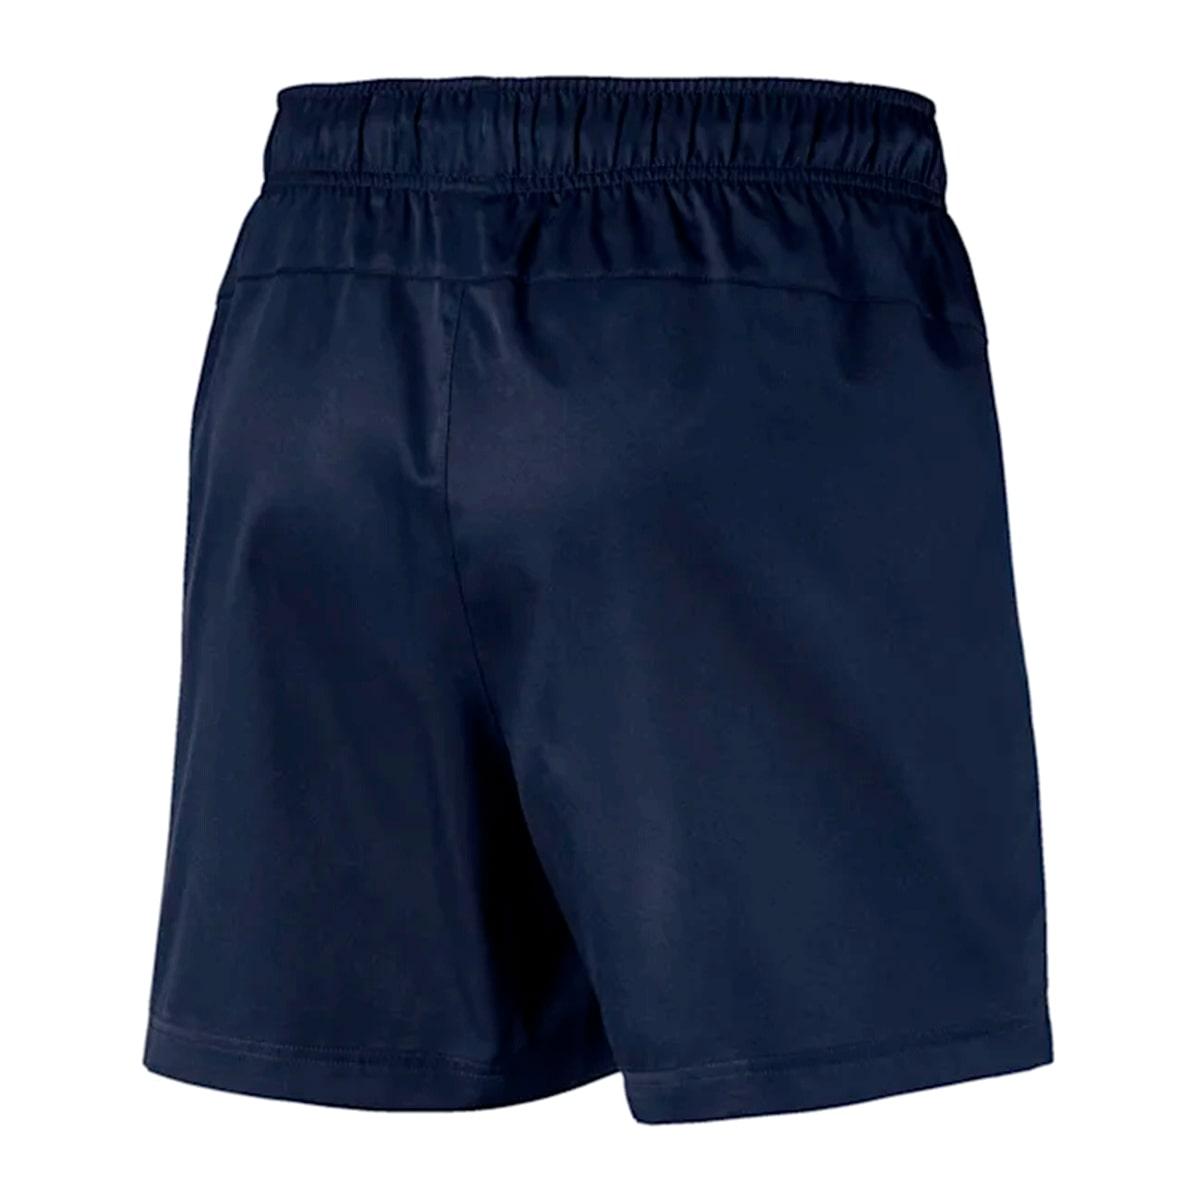 Shorts Puma Active Woven Masculino Azul Marinho